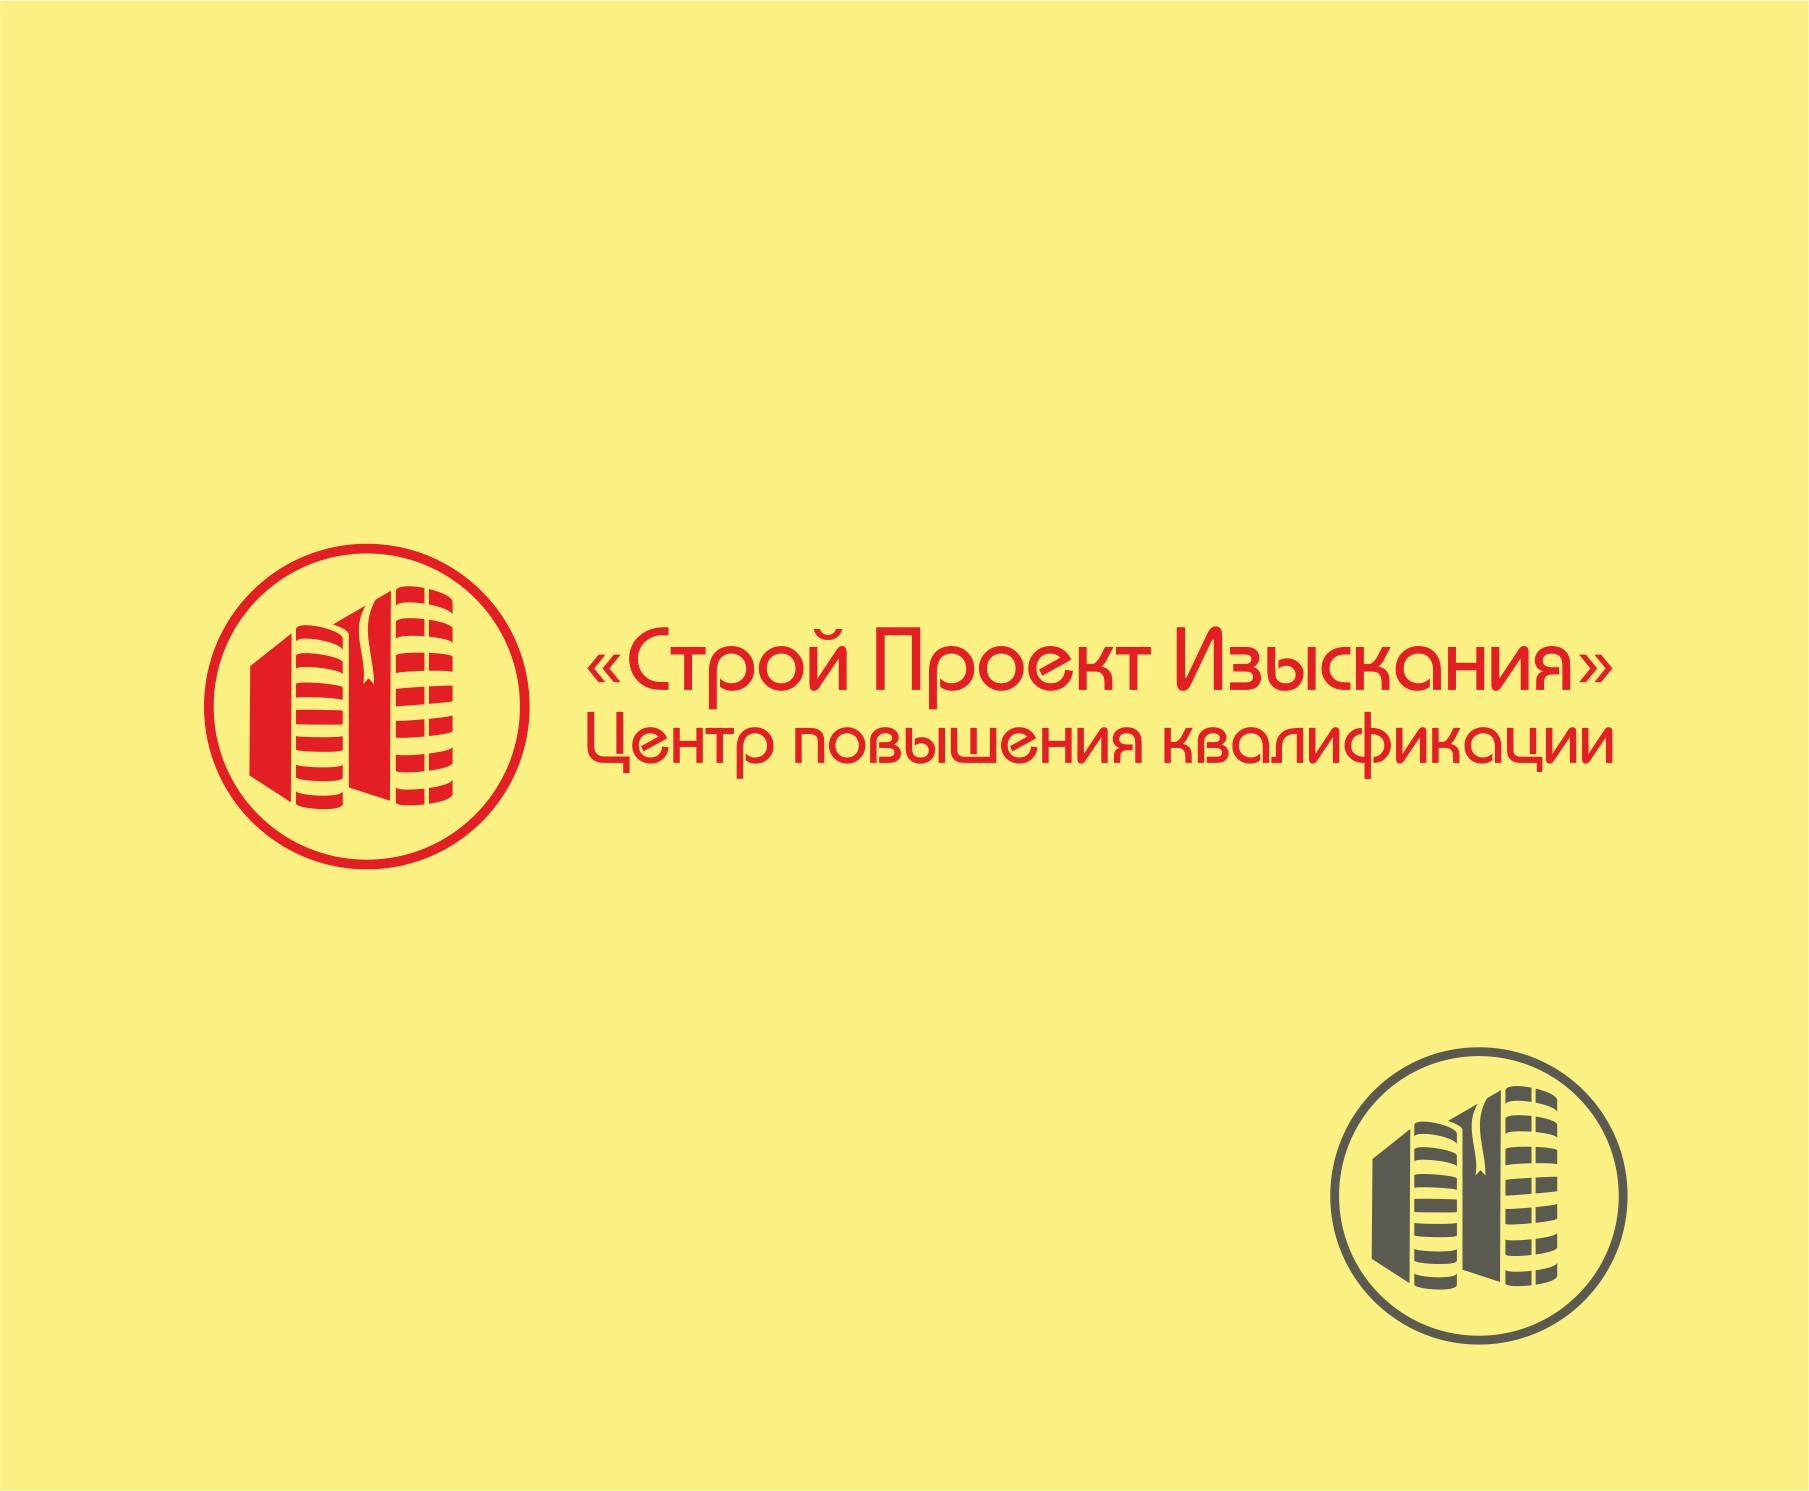 Разработка логотипа  фото f_4f319b98939fb.jpg